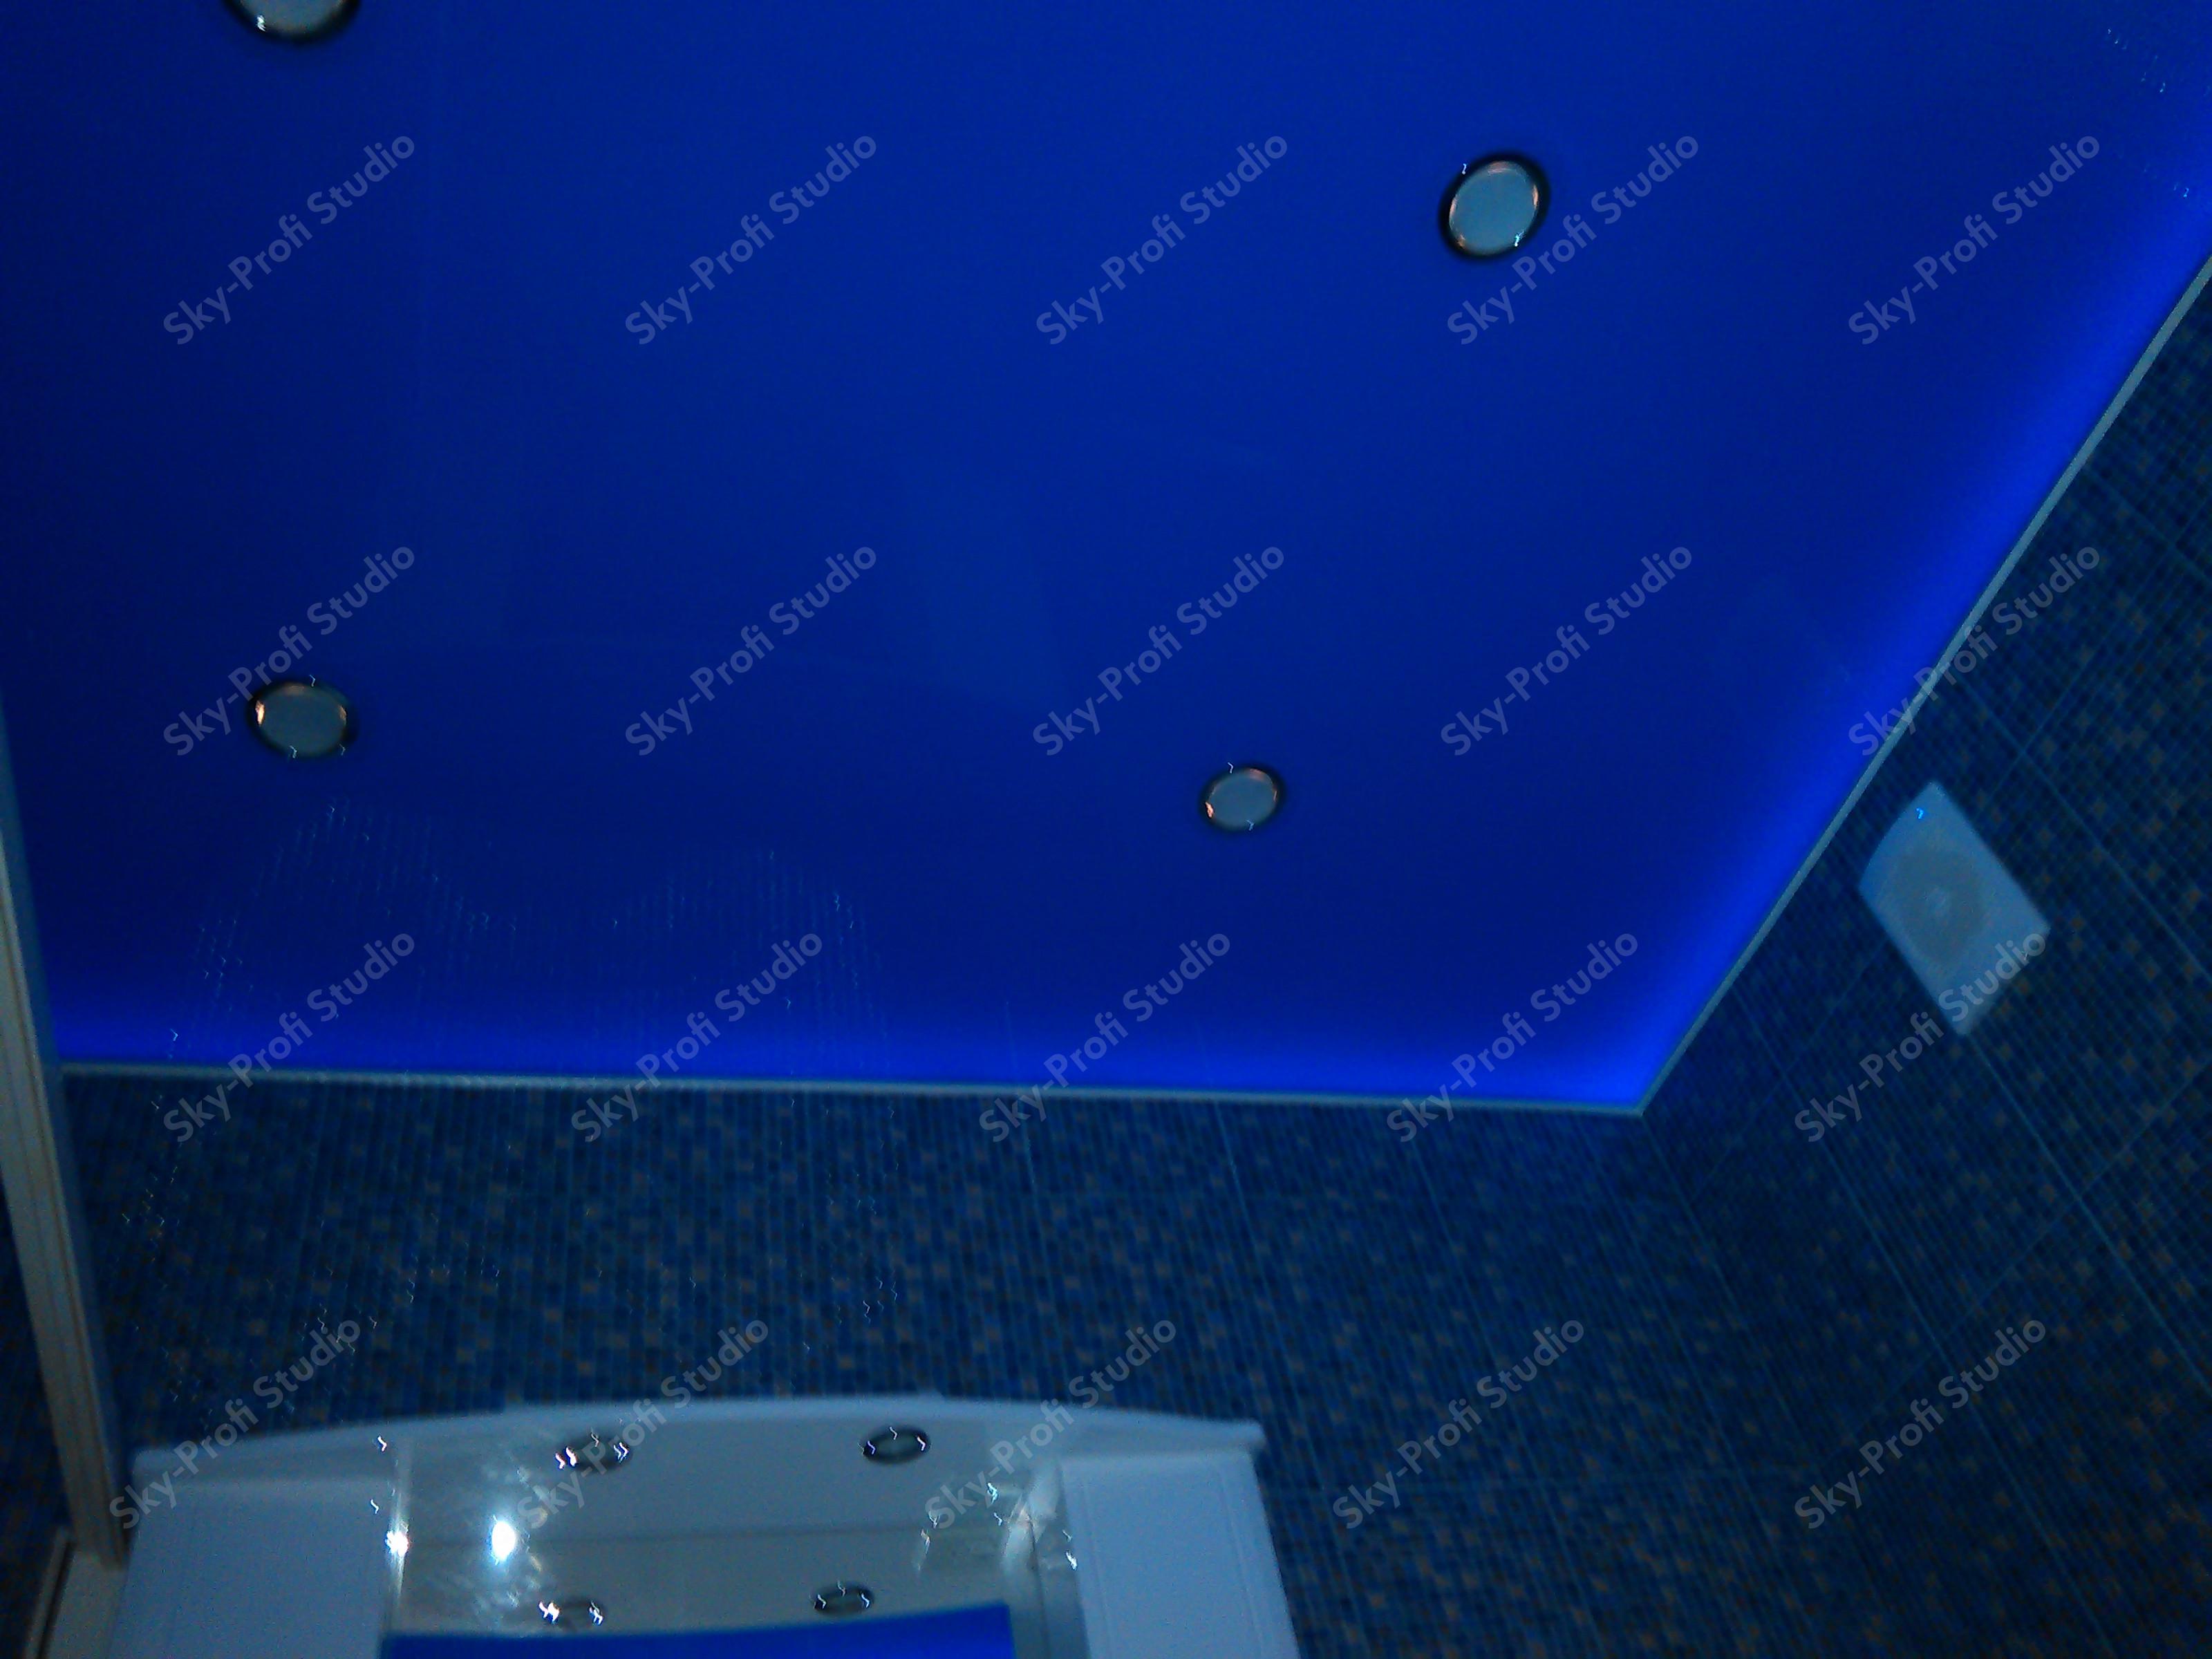 Синий глянцевый потолок в ванной комнате